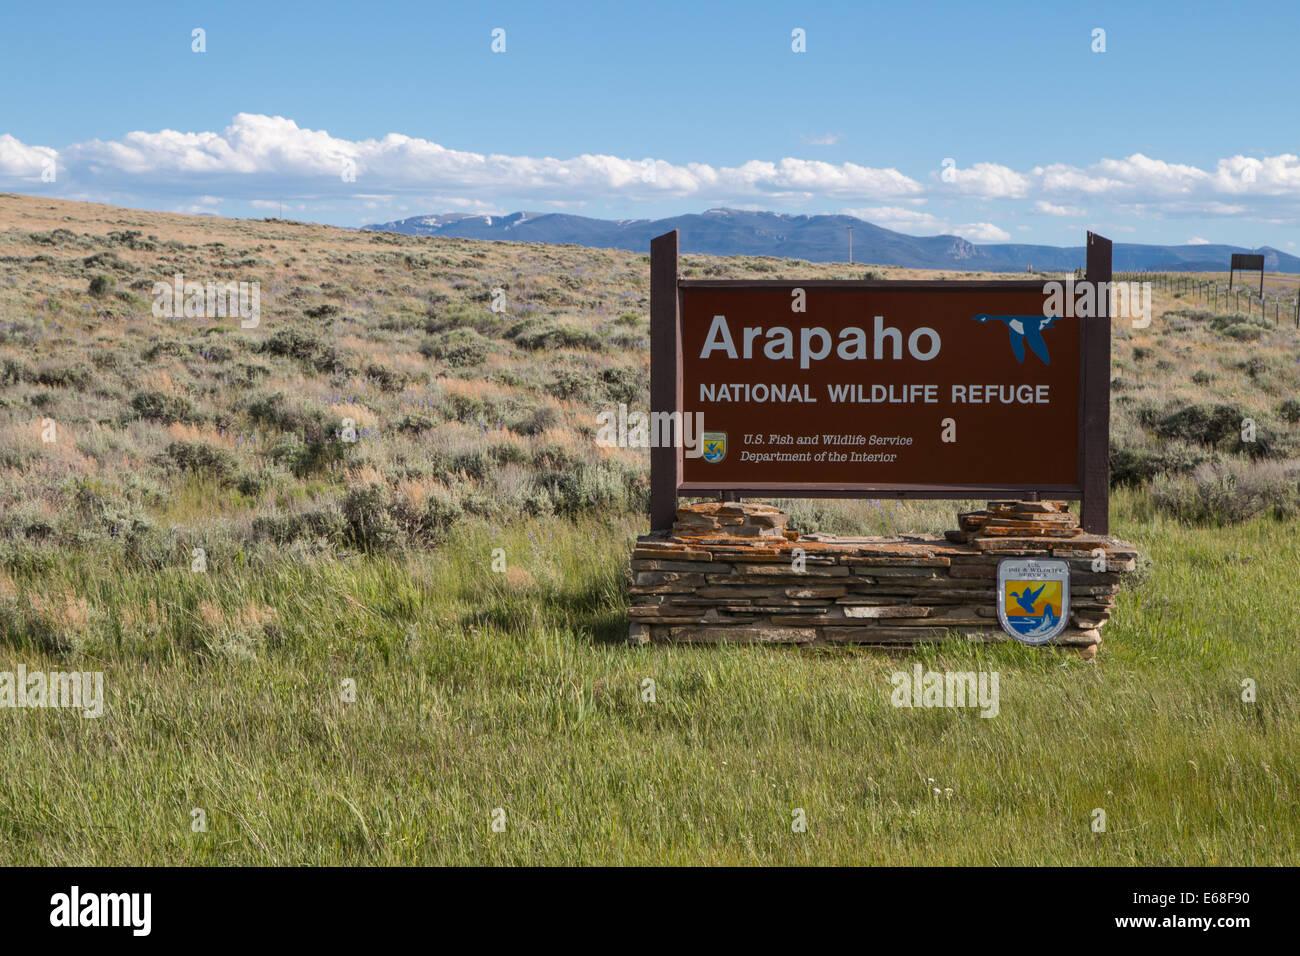 Arapaho National Wildlife Refuge Sign - Stock Image